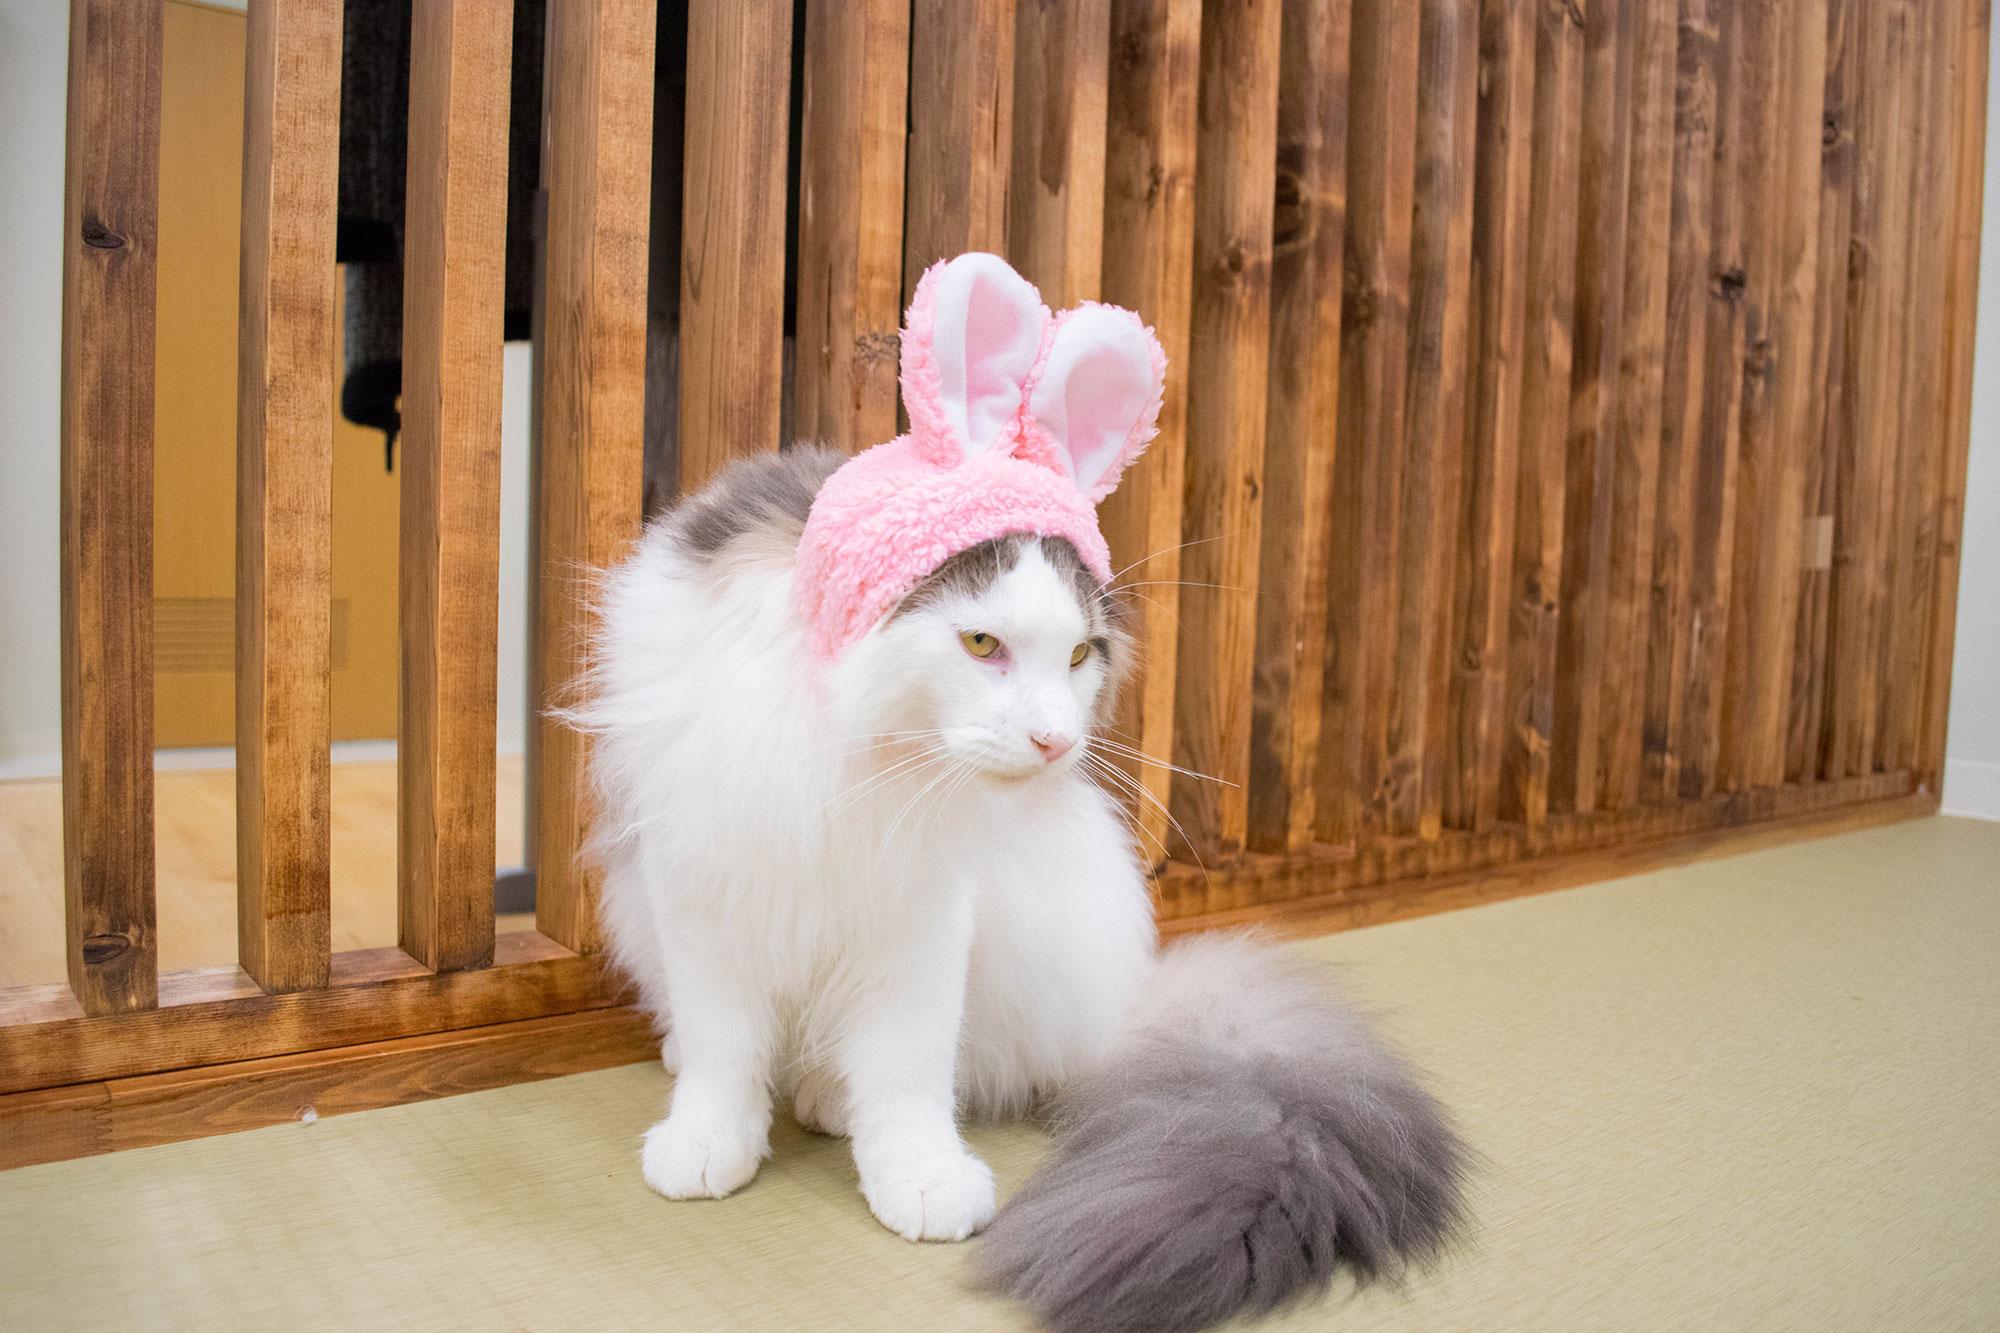 大阪梅田の猫カフェにあにゃあうさレオン